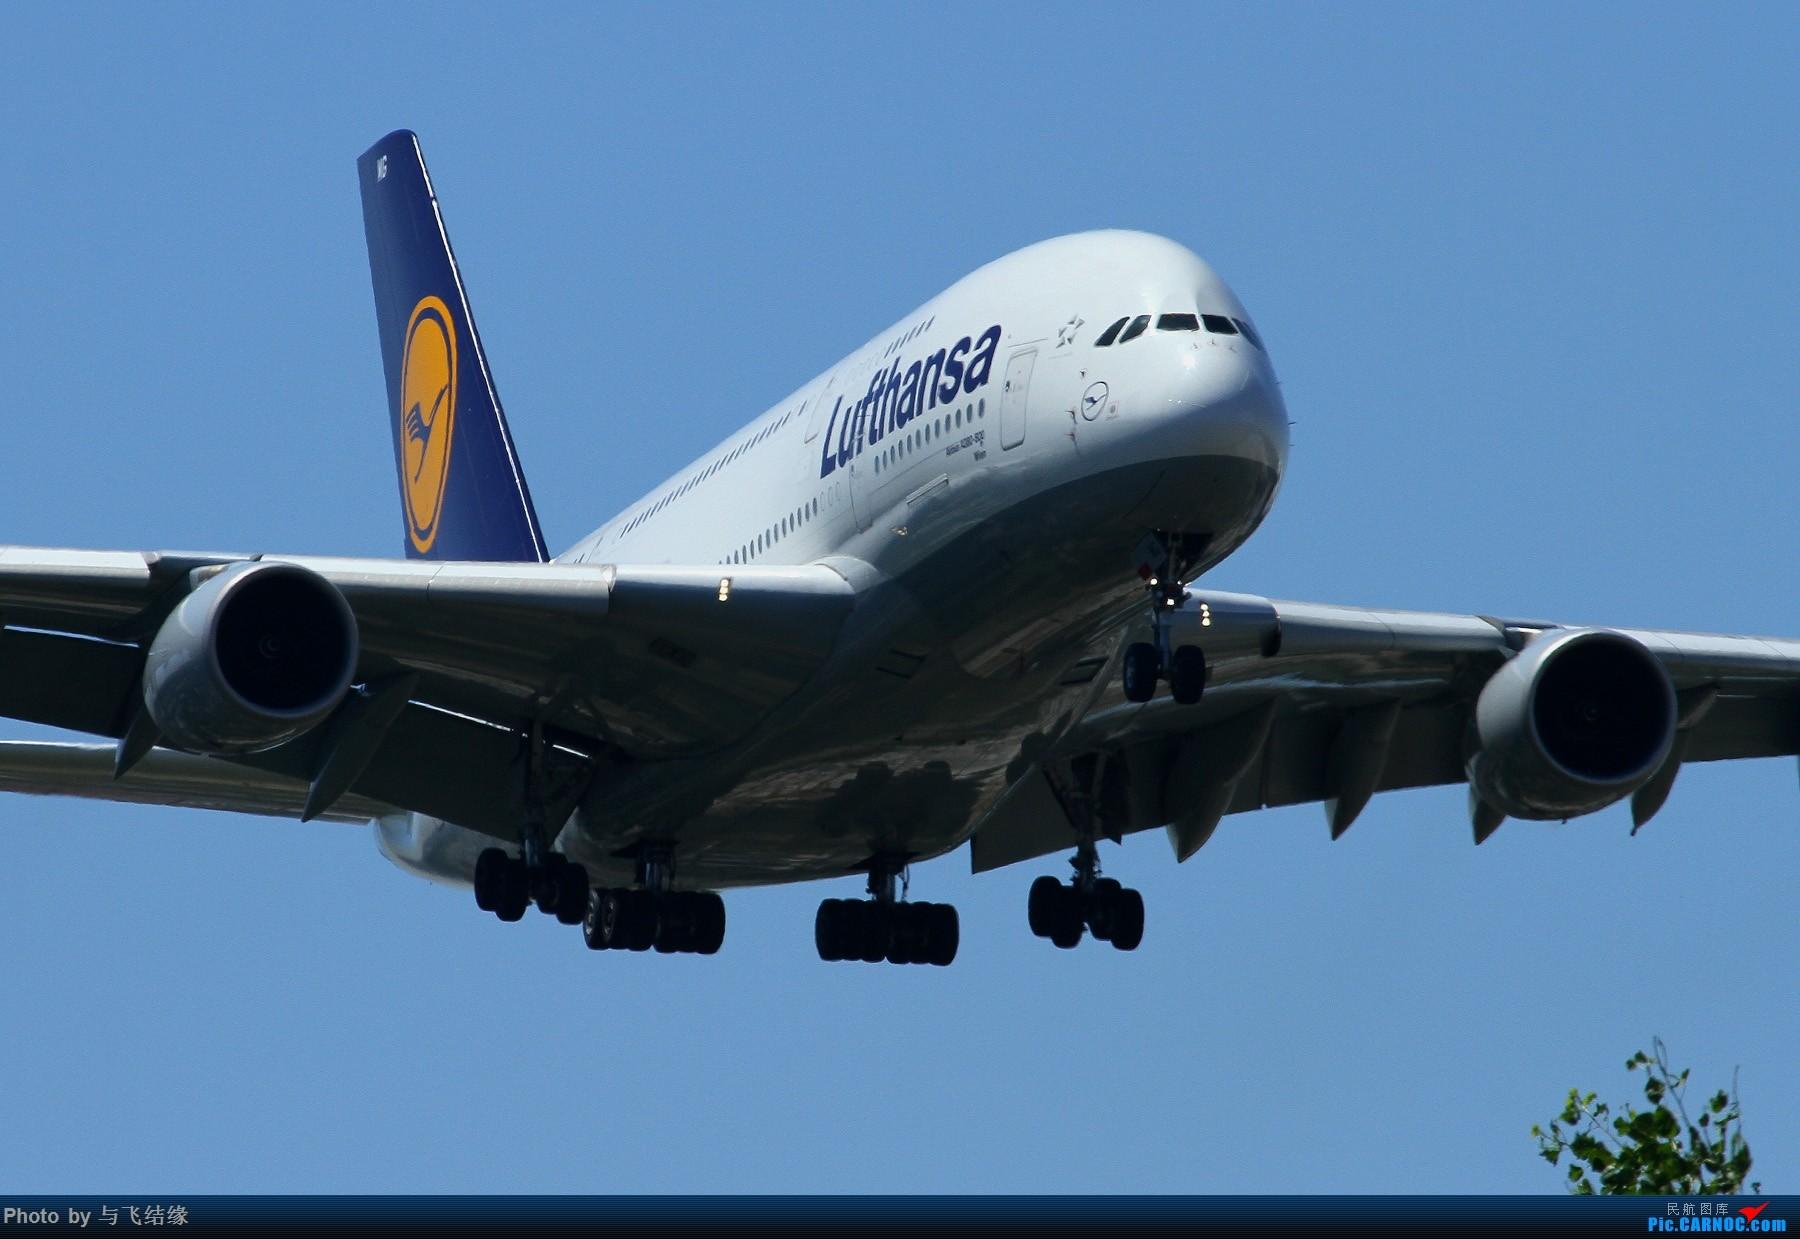 Re:[原创]近进中的汉莎航空Airbus A380-800,D-AIMG特写。 AIRBUS A380-800 D-AIMG 中国北京首都国际机场